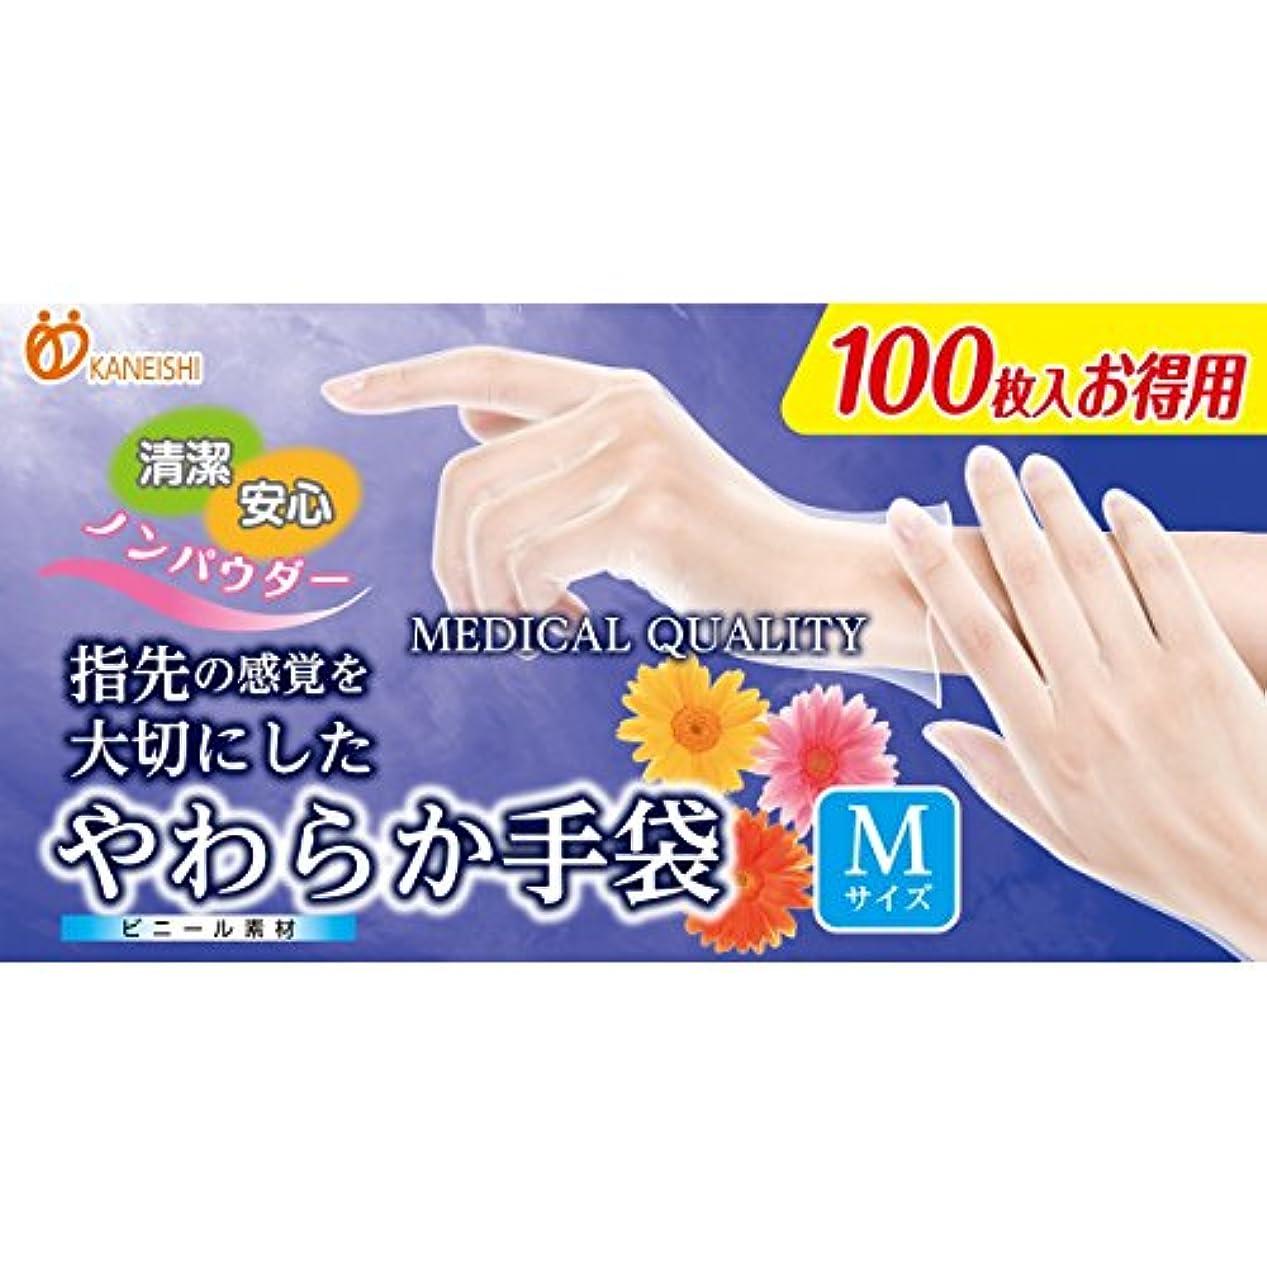 追跡なめらかビルマやわらか手袋 ビニール素材 Mサイズ 100枚入